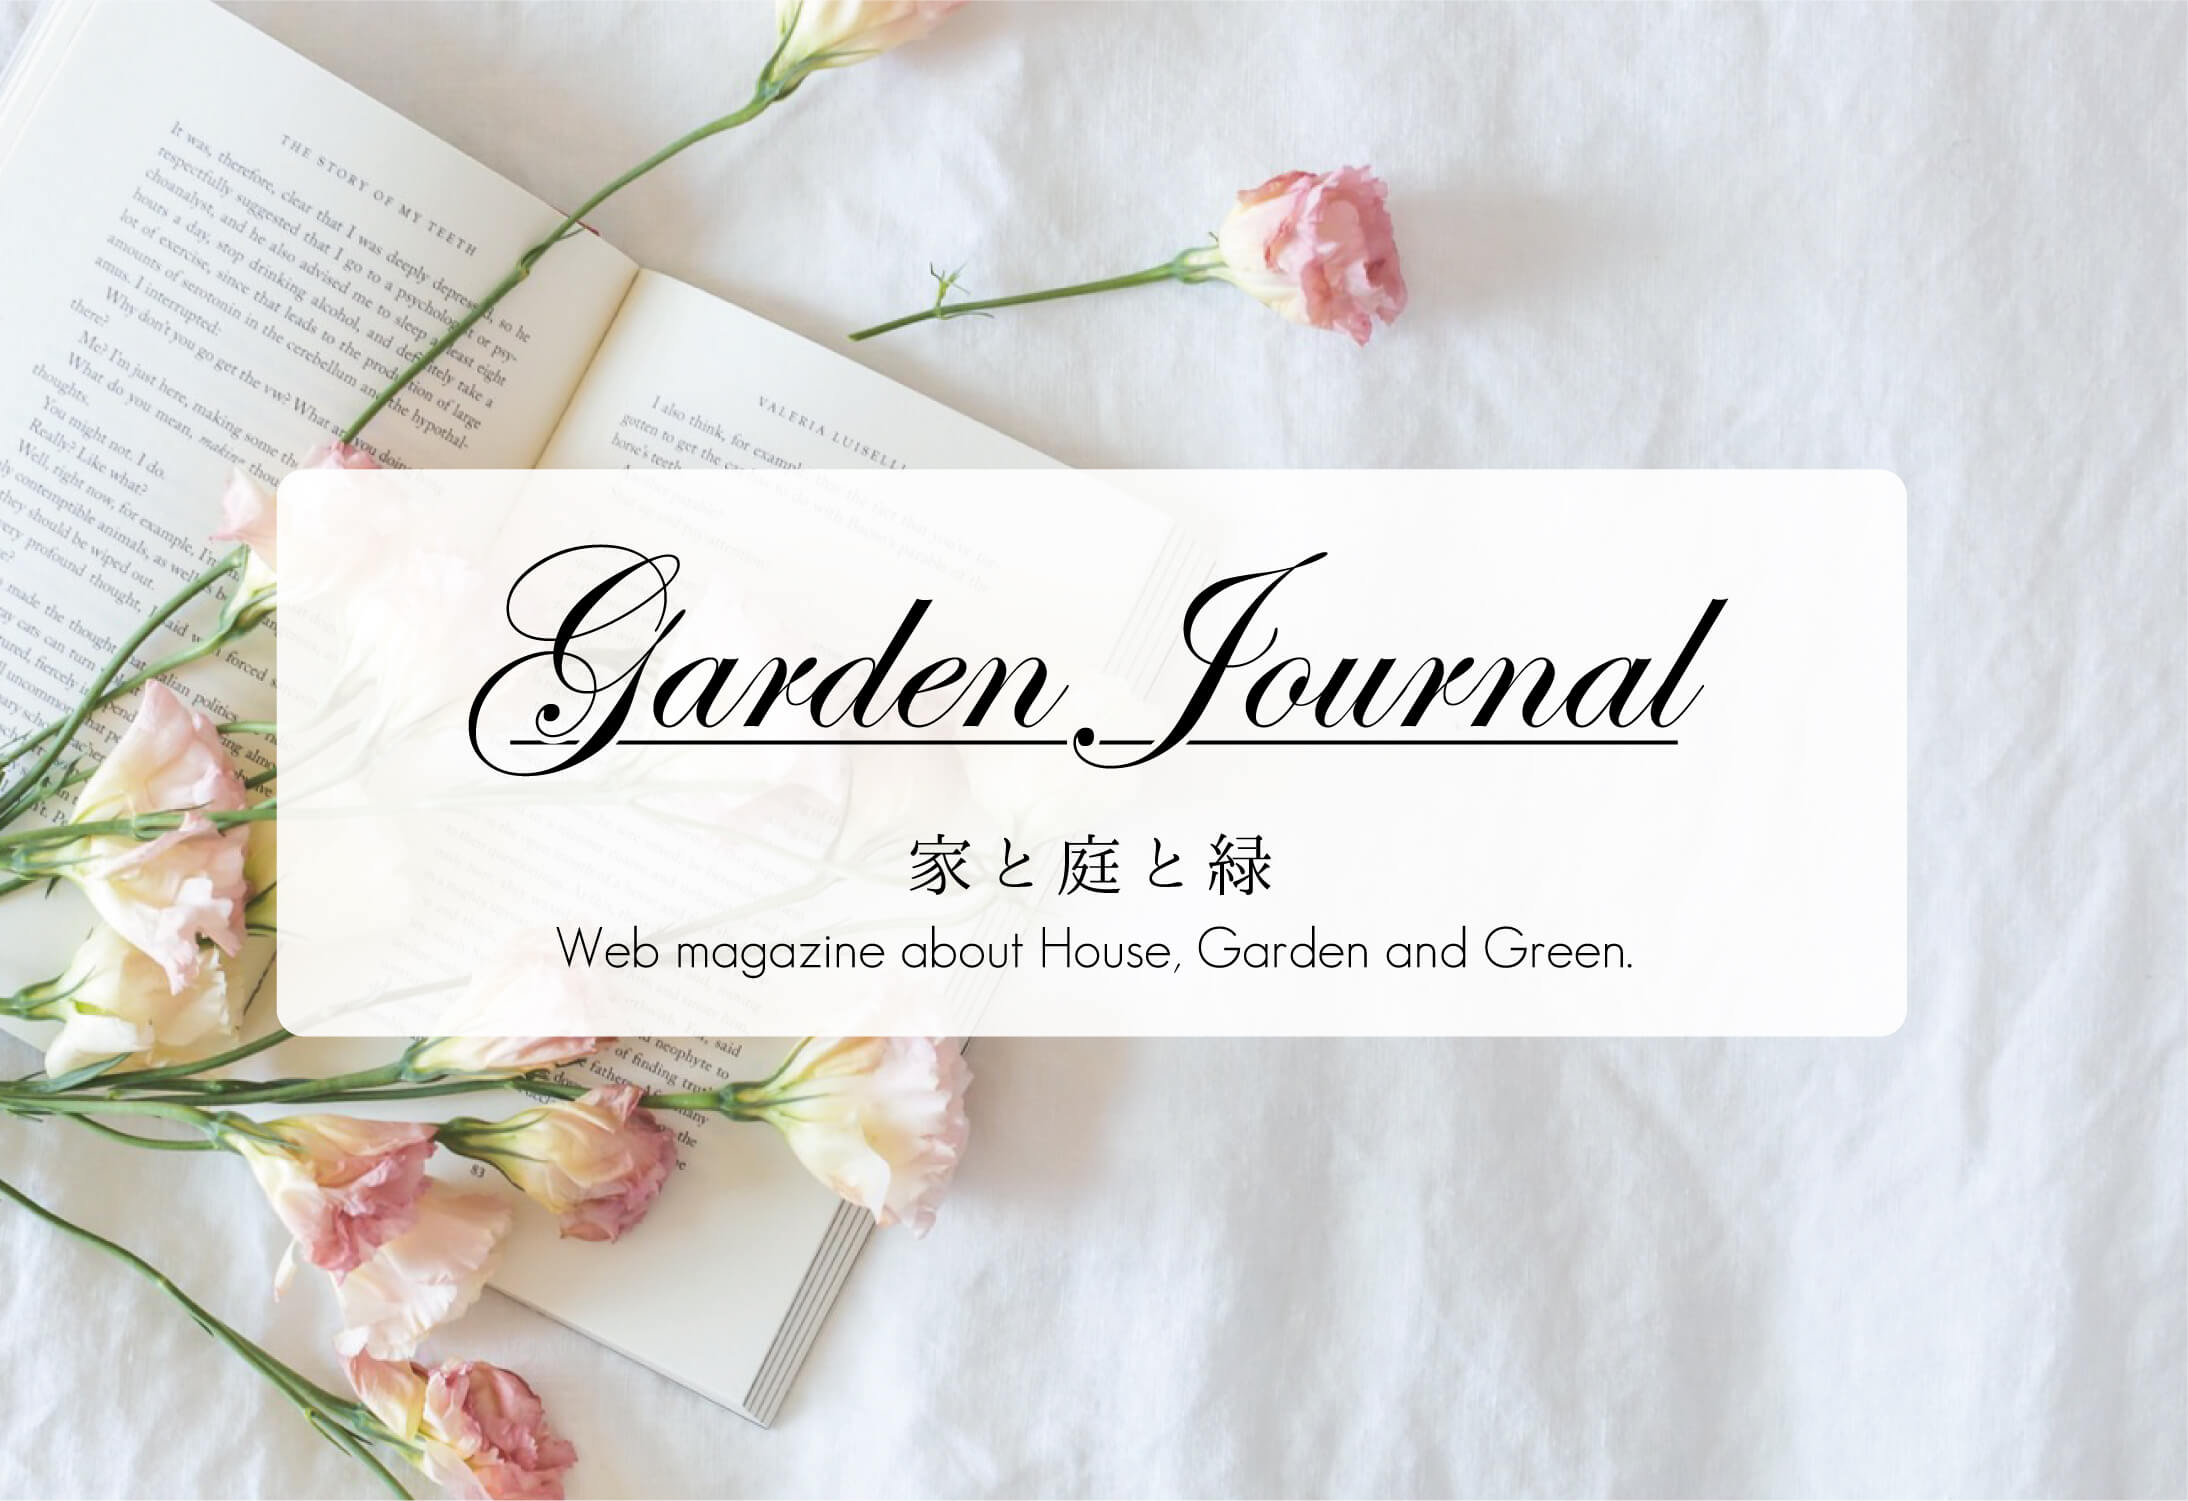 おもてなしの心があふれる門まわりをお考えなら「グランド工房」へ garden studio